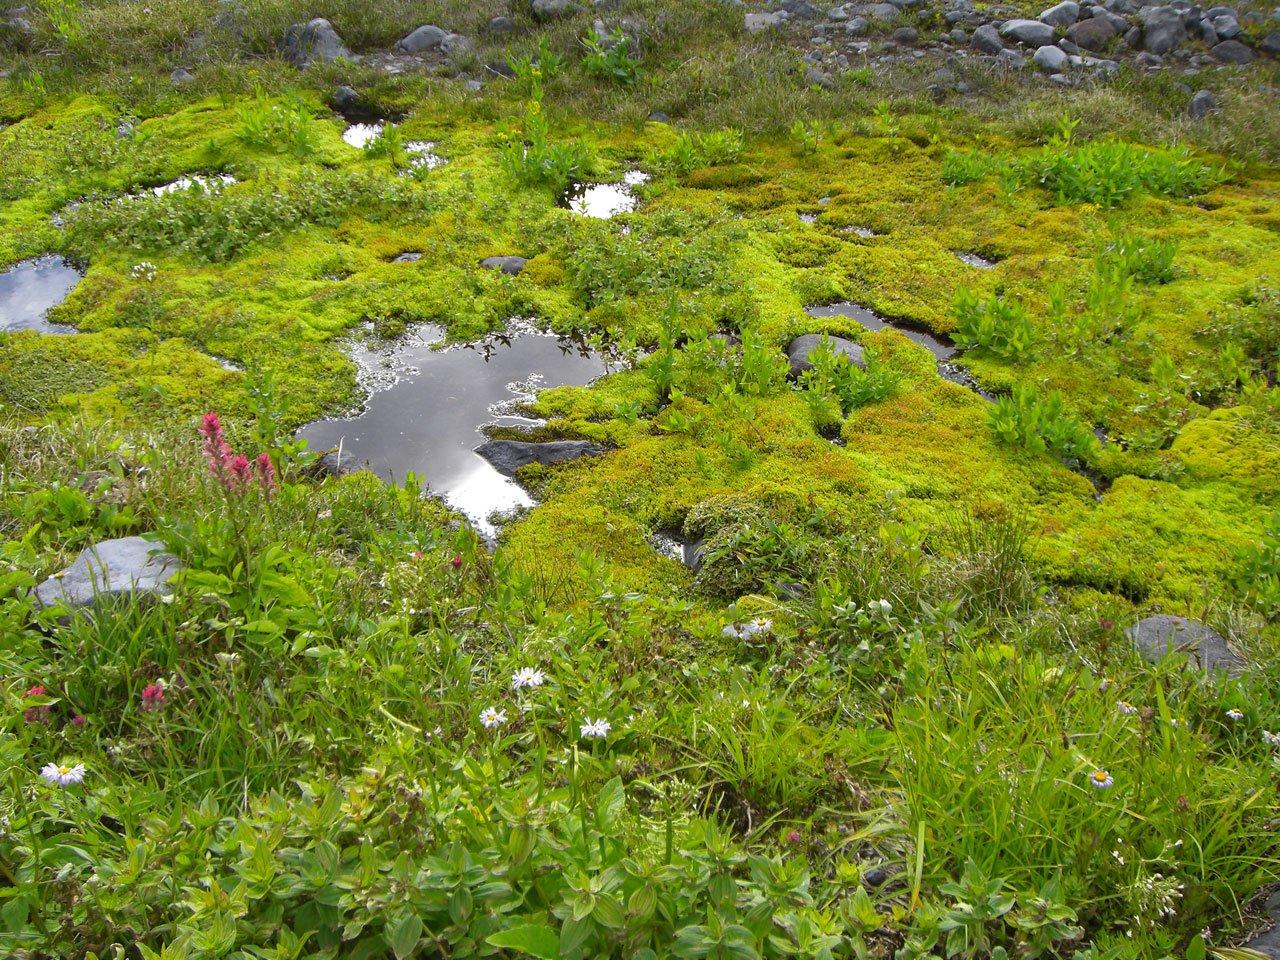 картинка болота с мхом